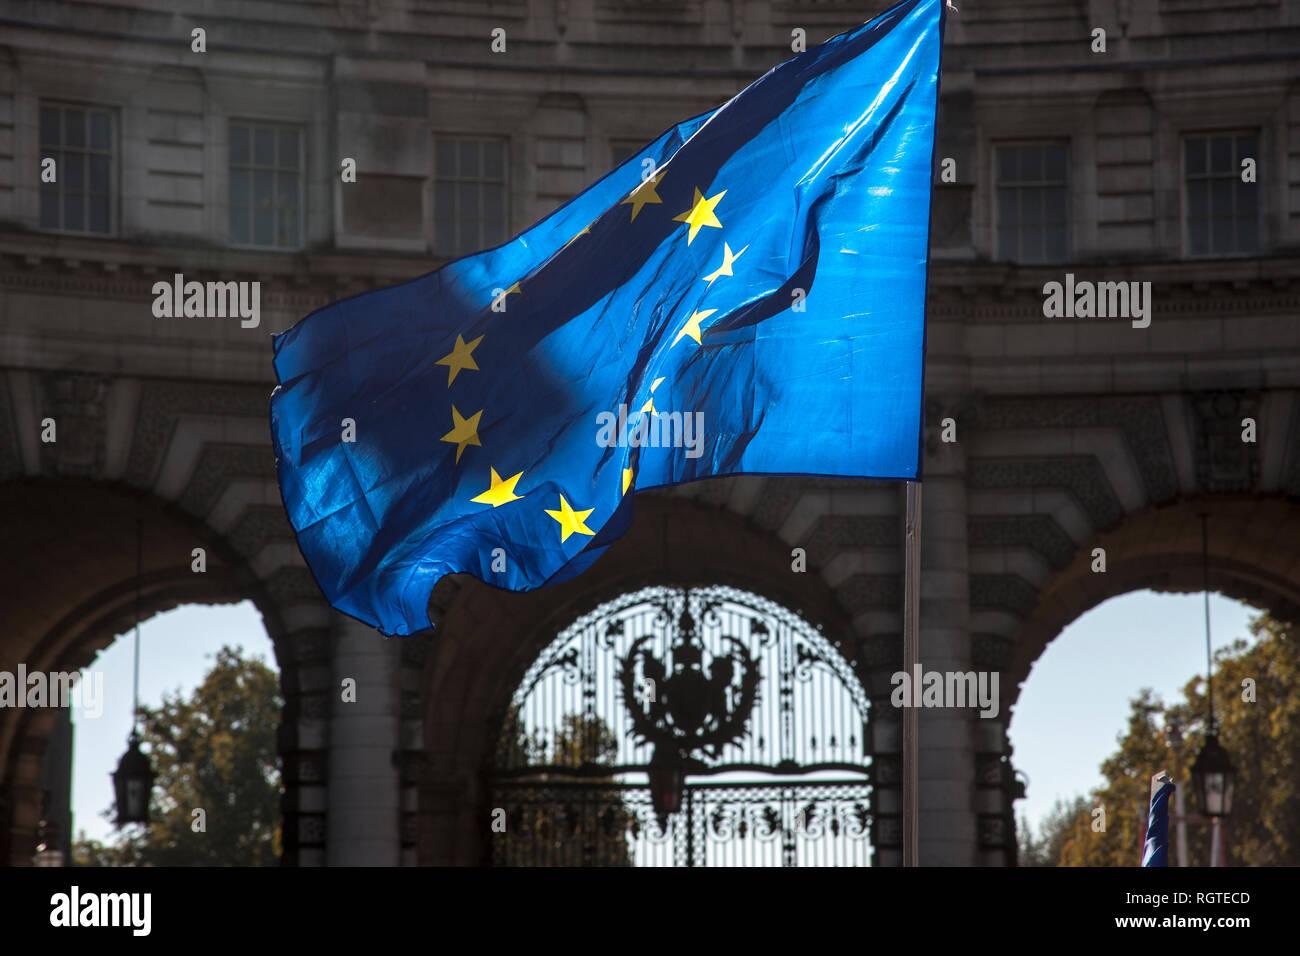 European flag fluttering - Stock Image